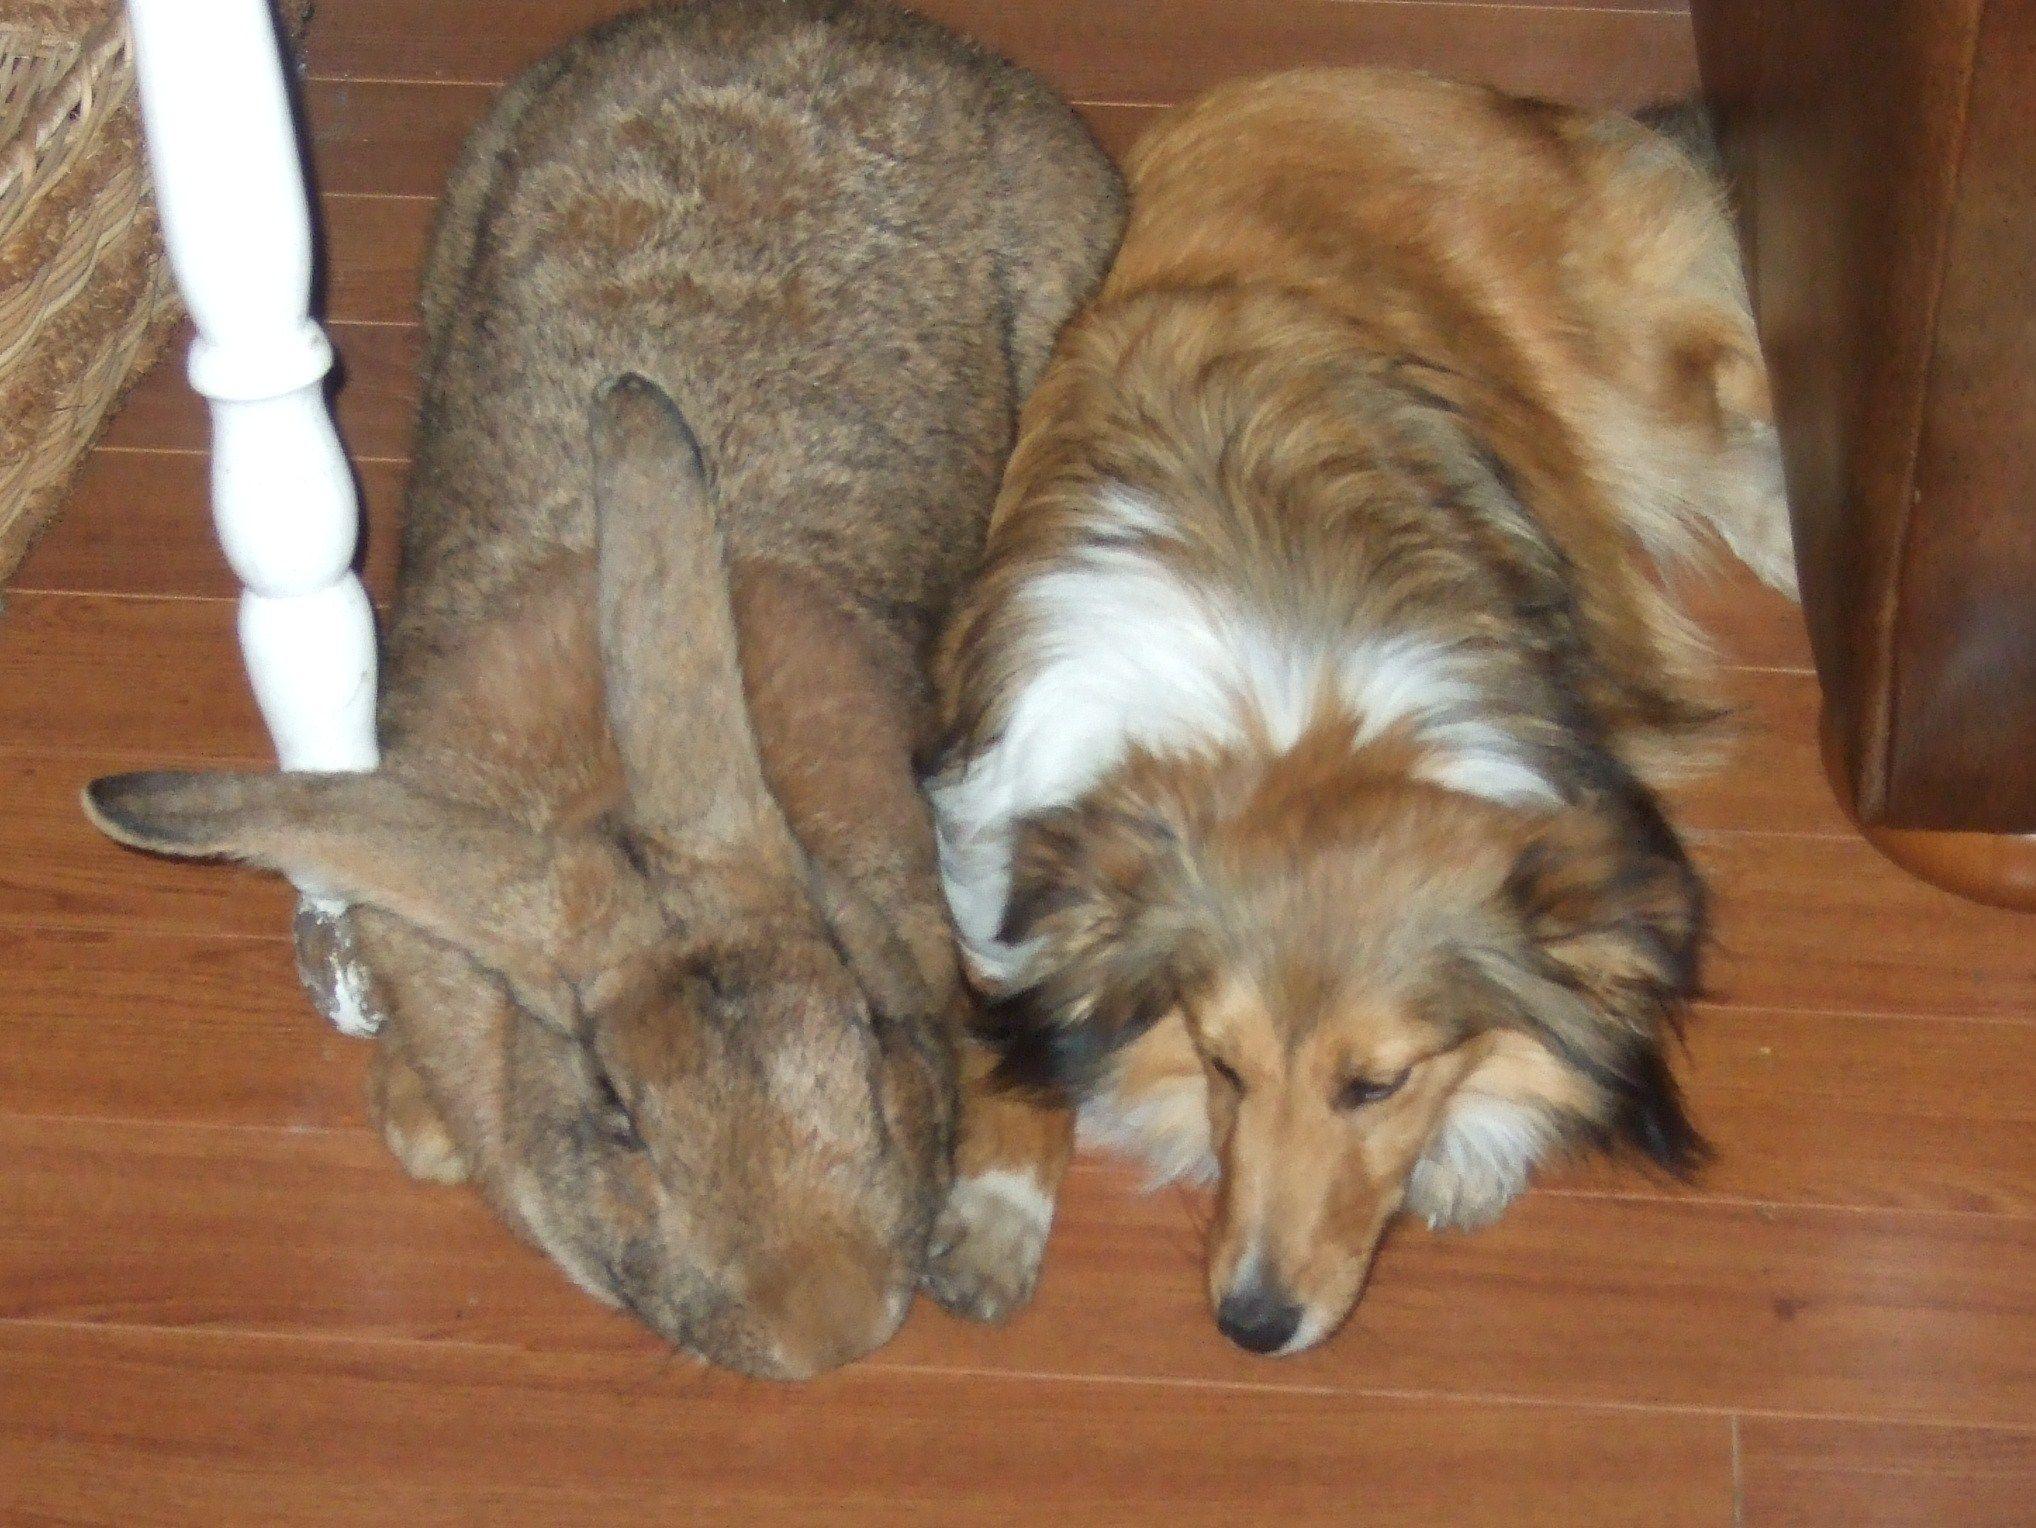 2. The Flemish Giant –World's Largest Rabbit